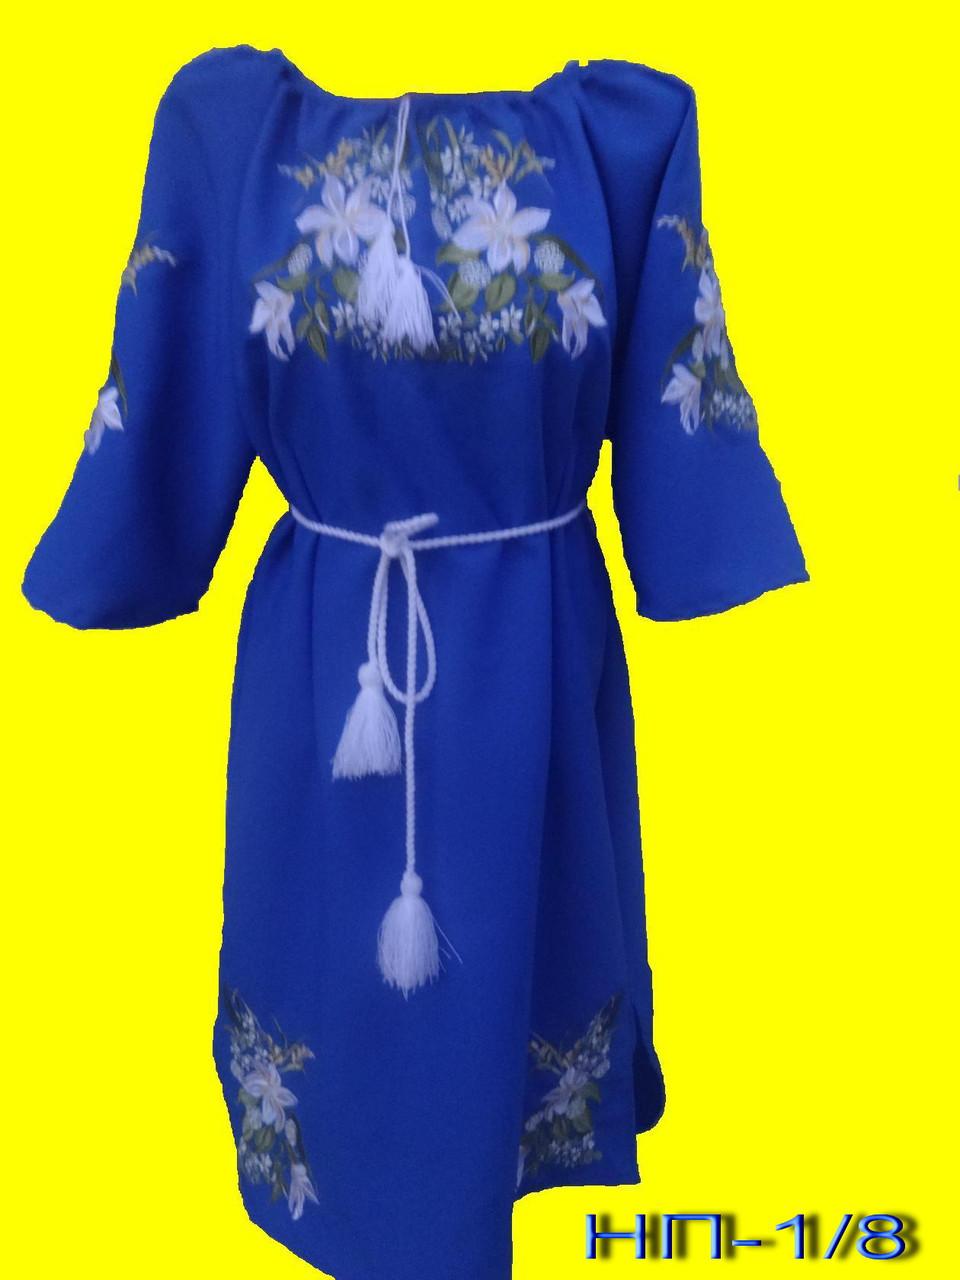 Платье синее женское с вышивкой Белые лилии. Вишита жіноча сукня. -  Интернет-магазин 0260b696eb146